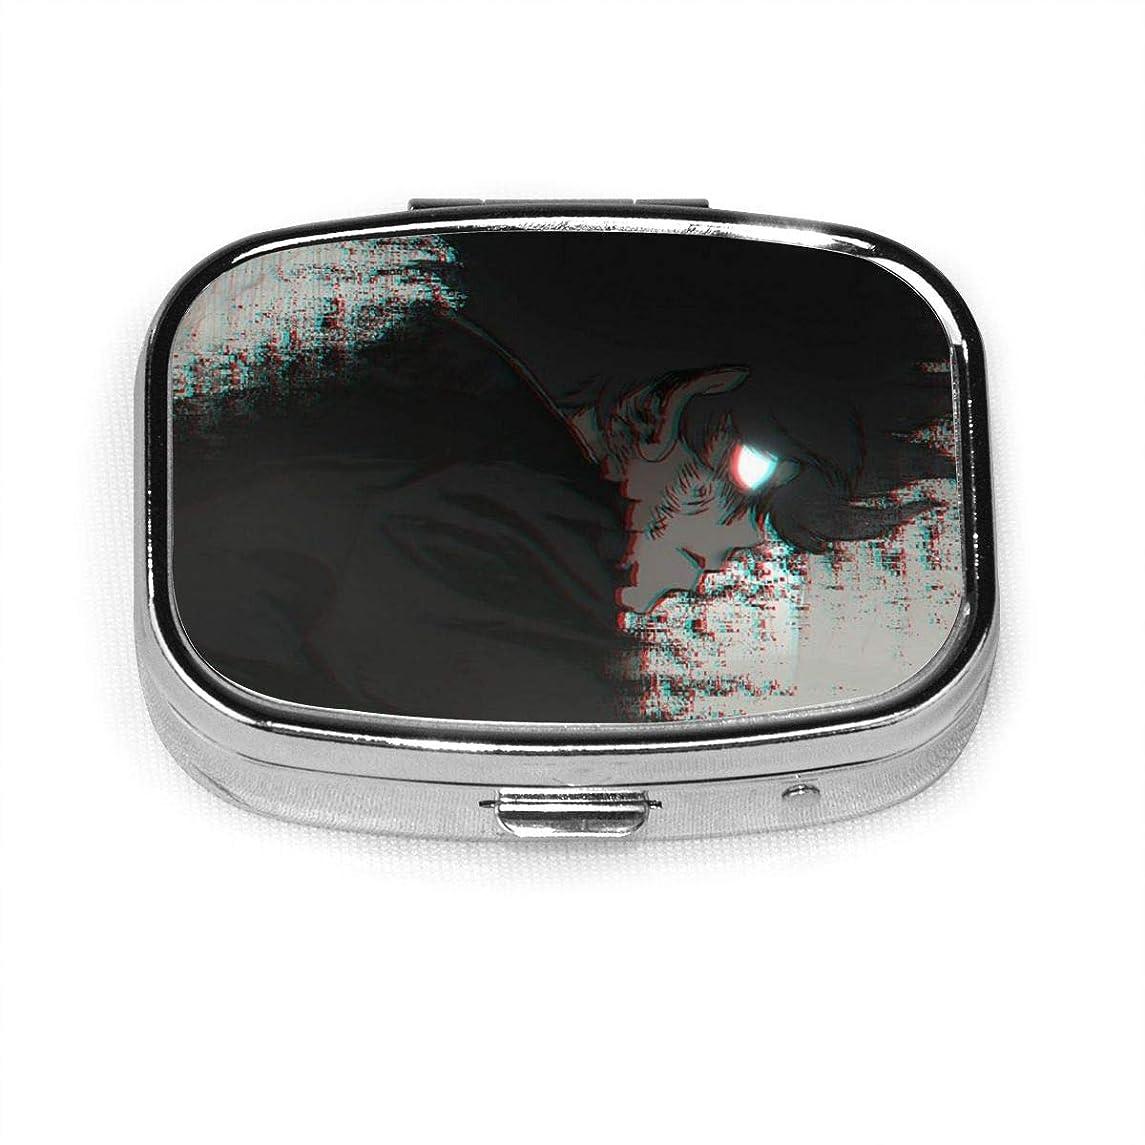 居間アーティファクトビジュアルモブ100サイコ100mob100 ピルケース 薬ケース 携帯用 なファッション 防水 コンパクト?軽量 習慣薬箱 薬入れ 小型収納ケース 飲み忘れ防止